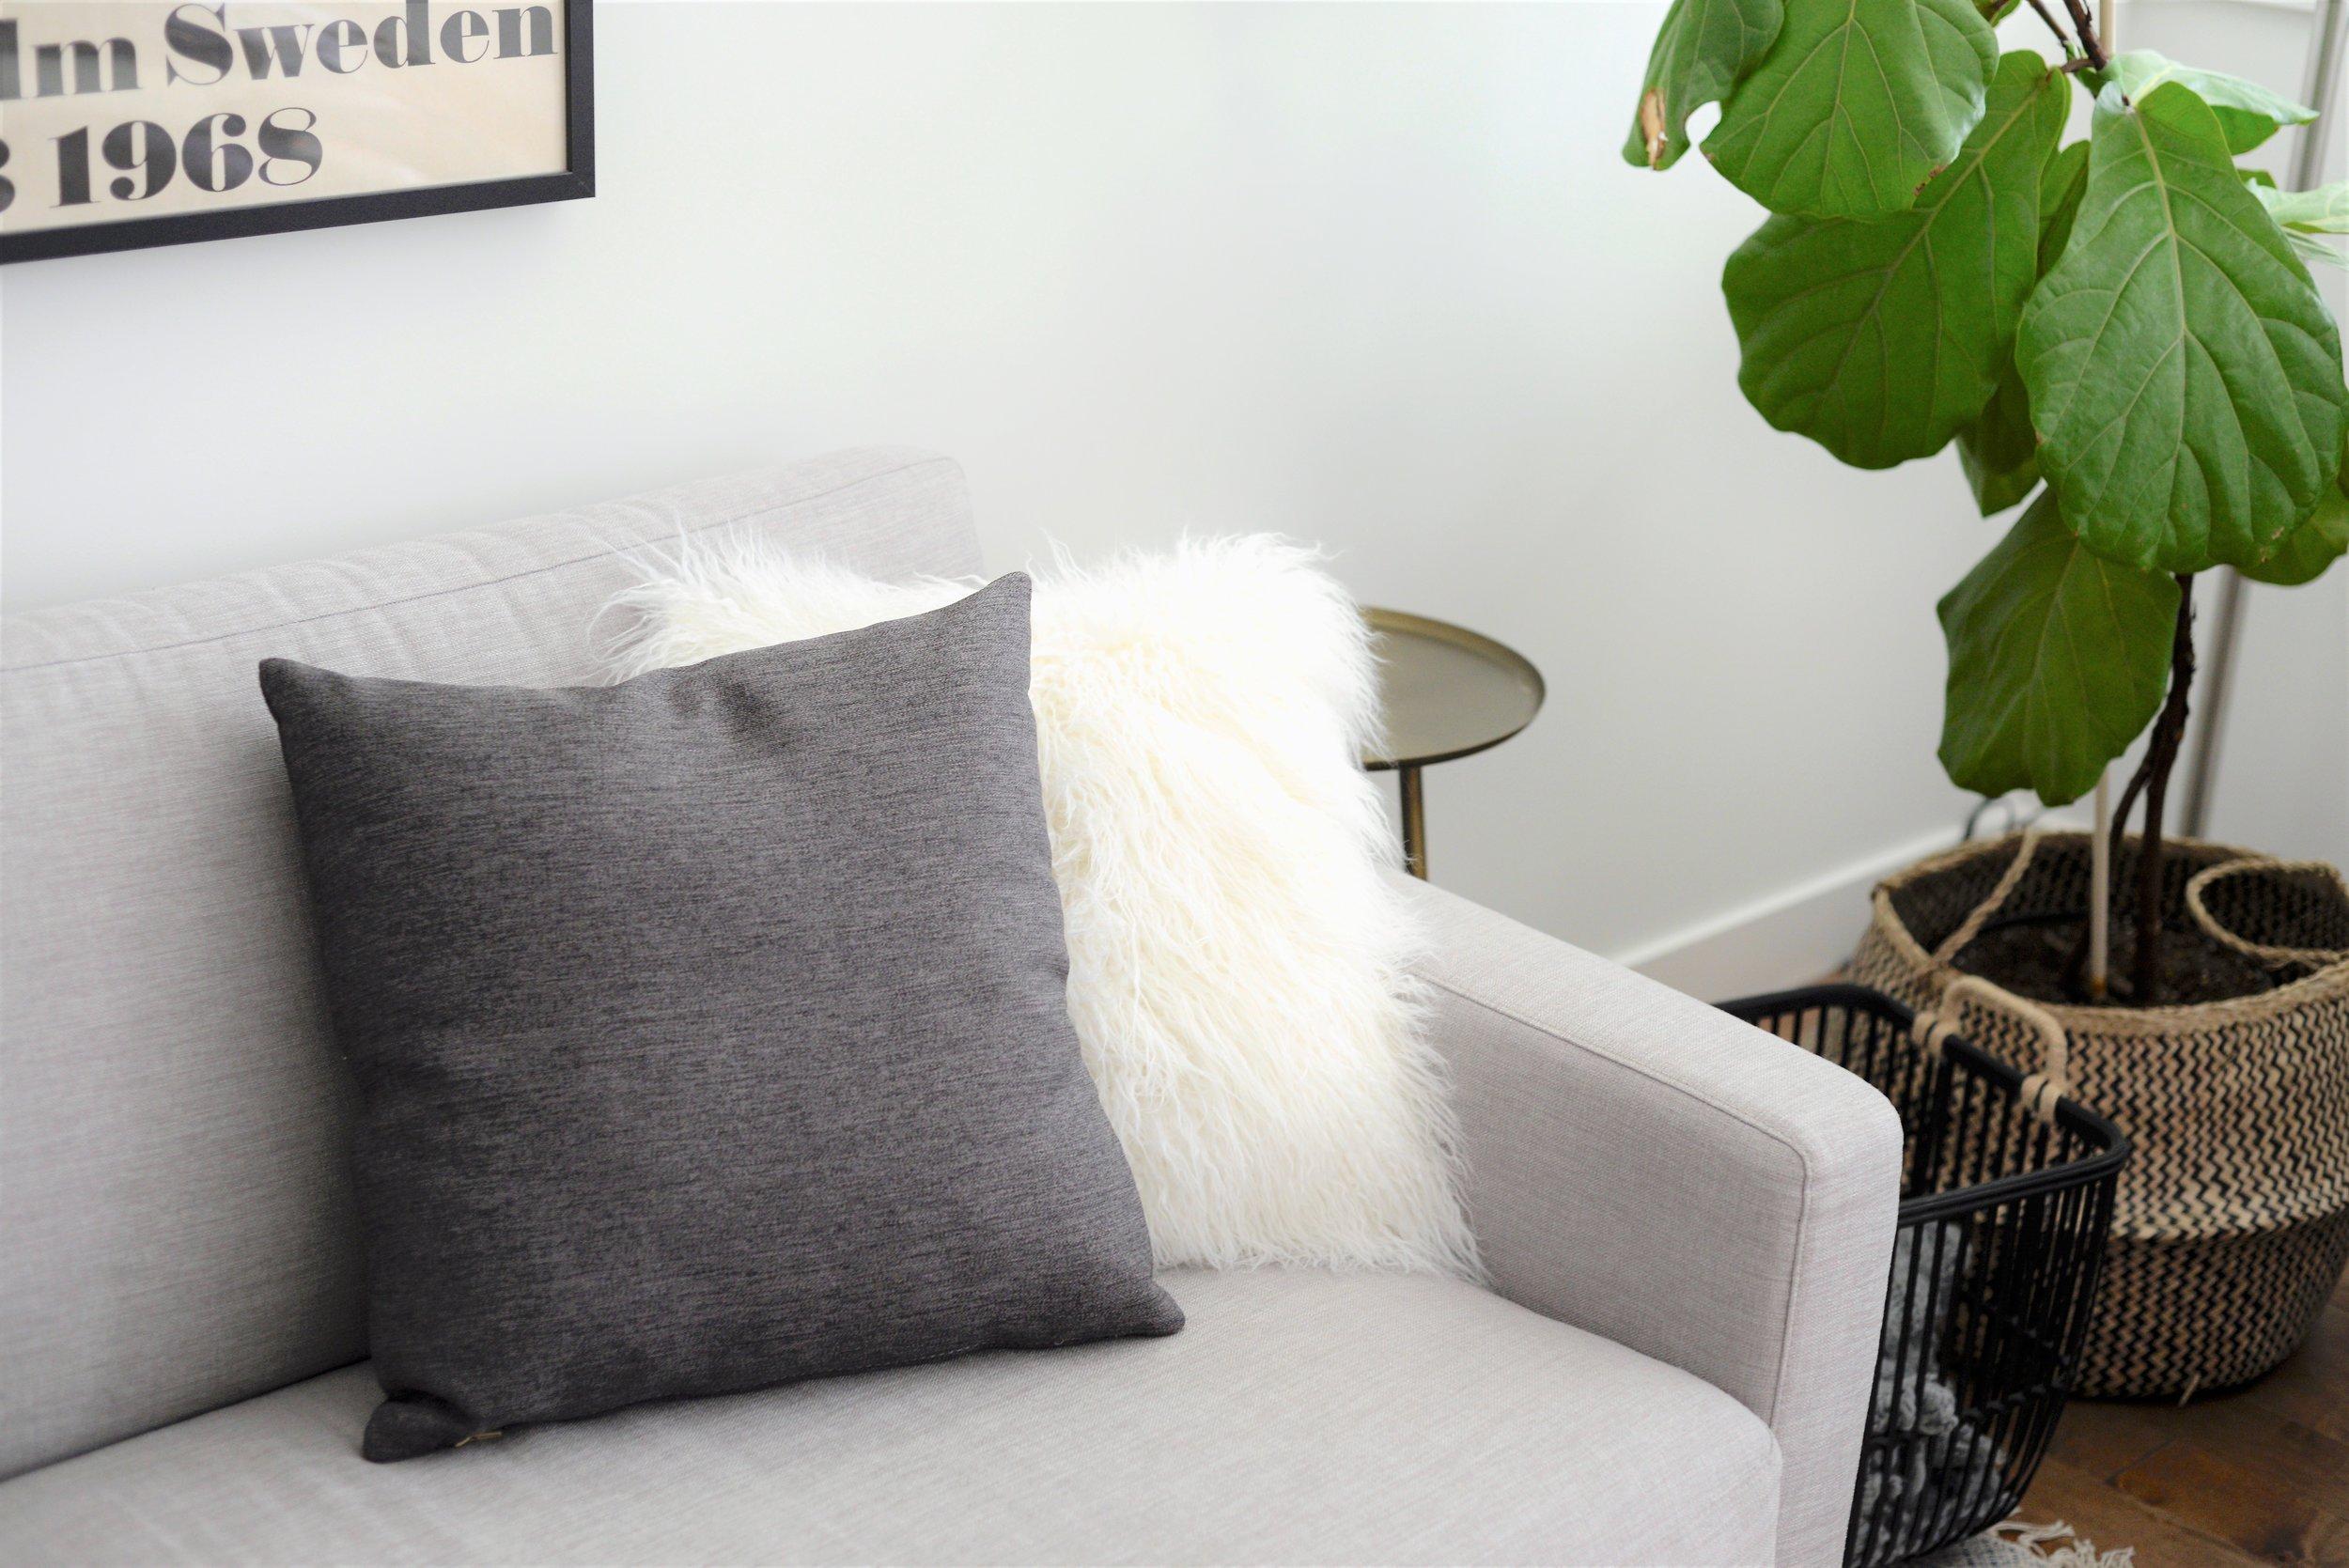 grey striped cushion DIY - BEFORE